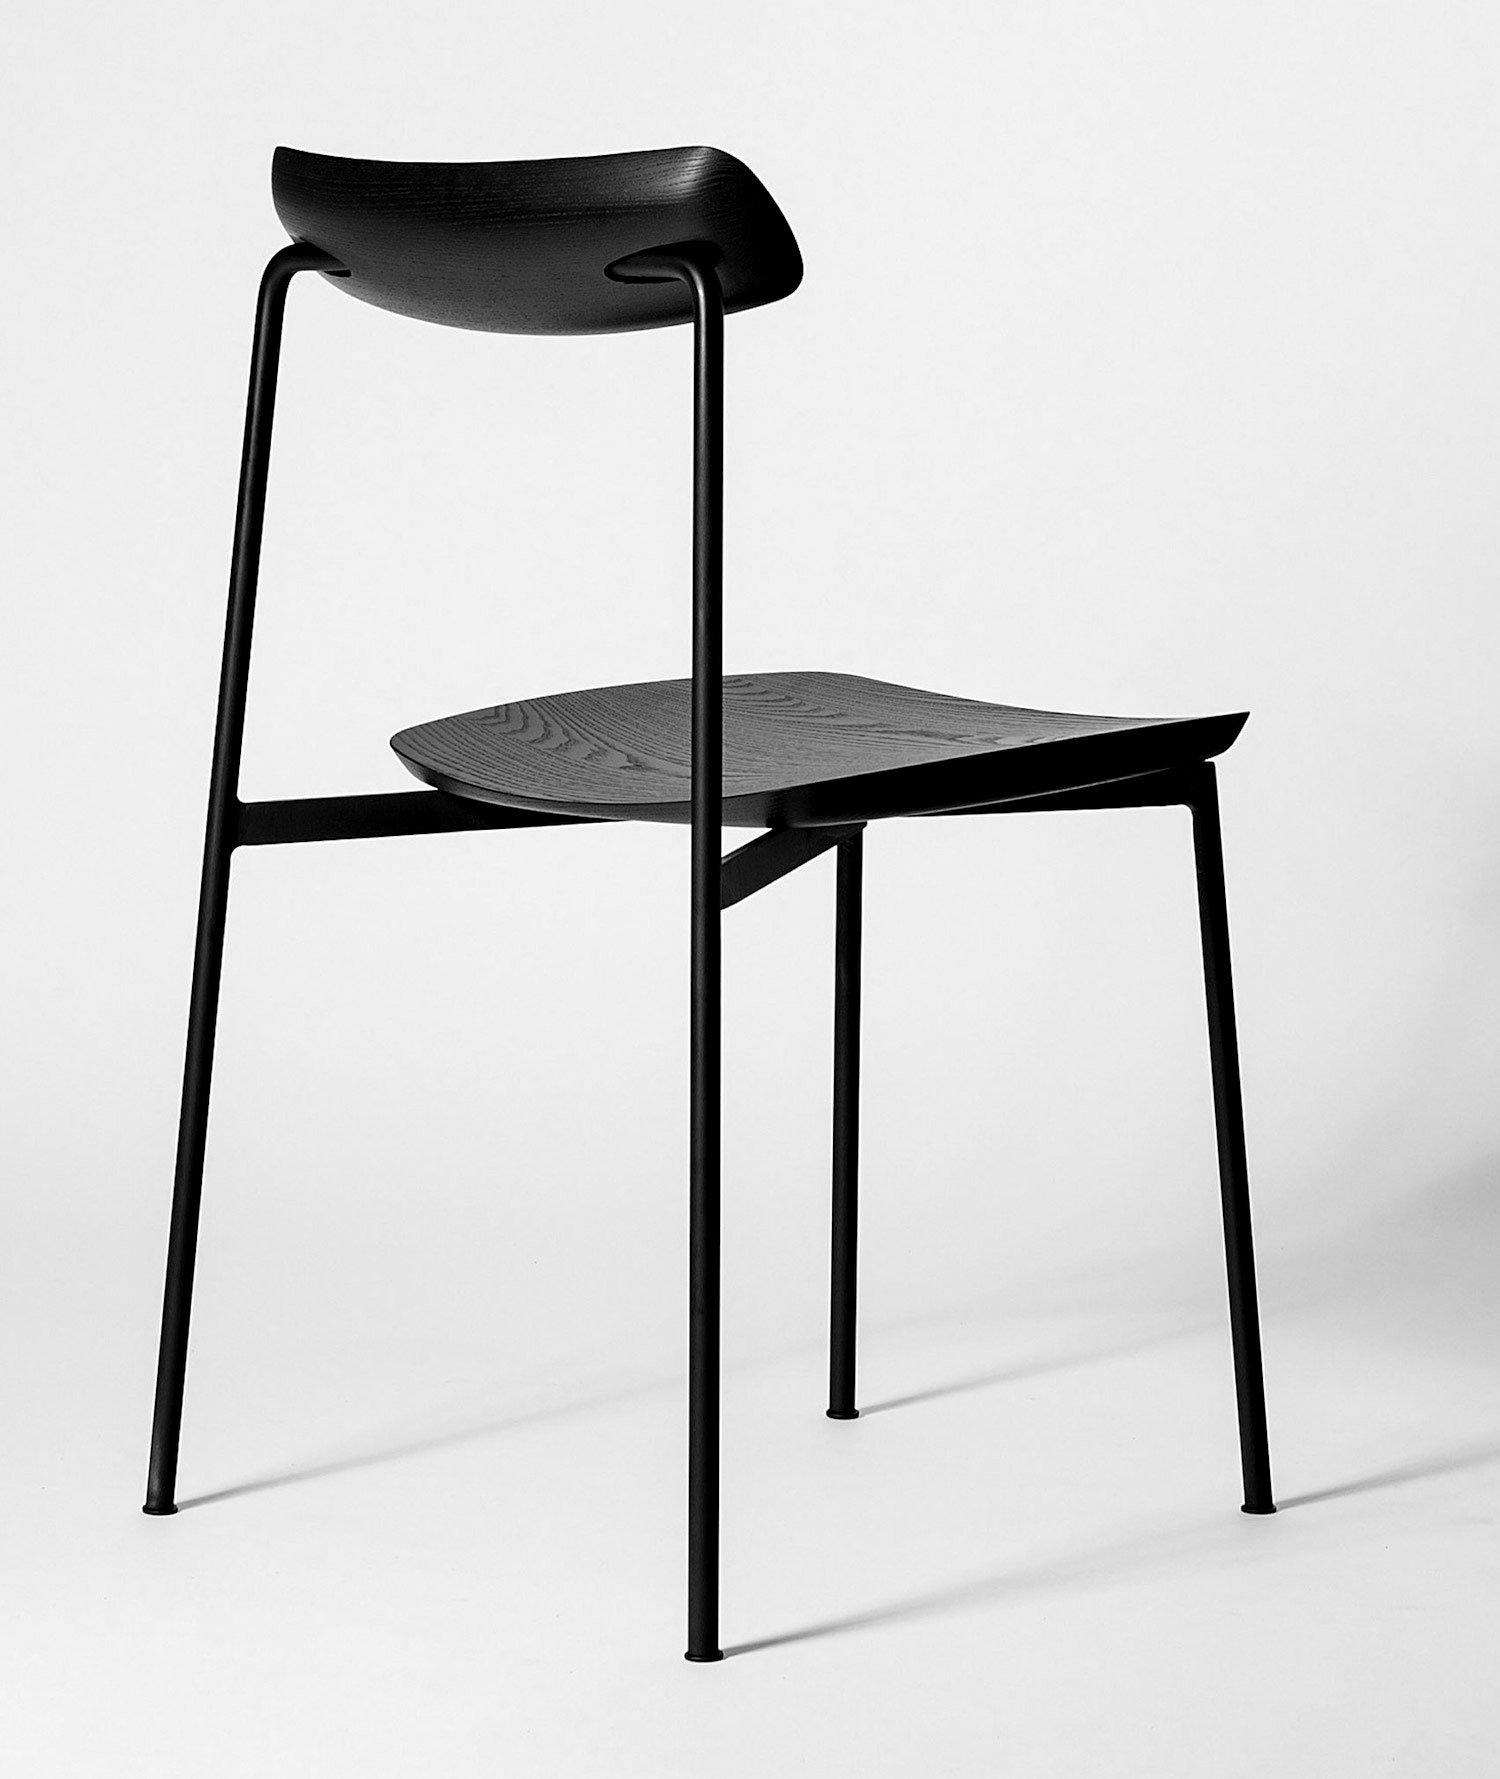 Minimal Chair Design: SIA